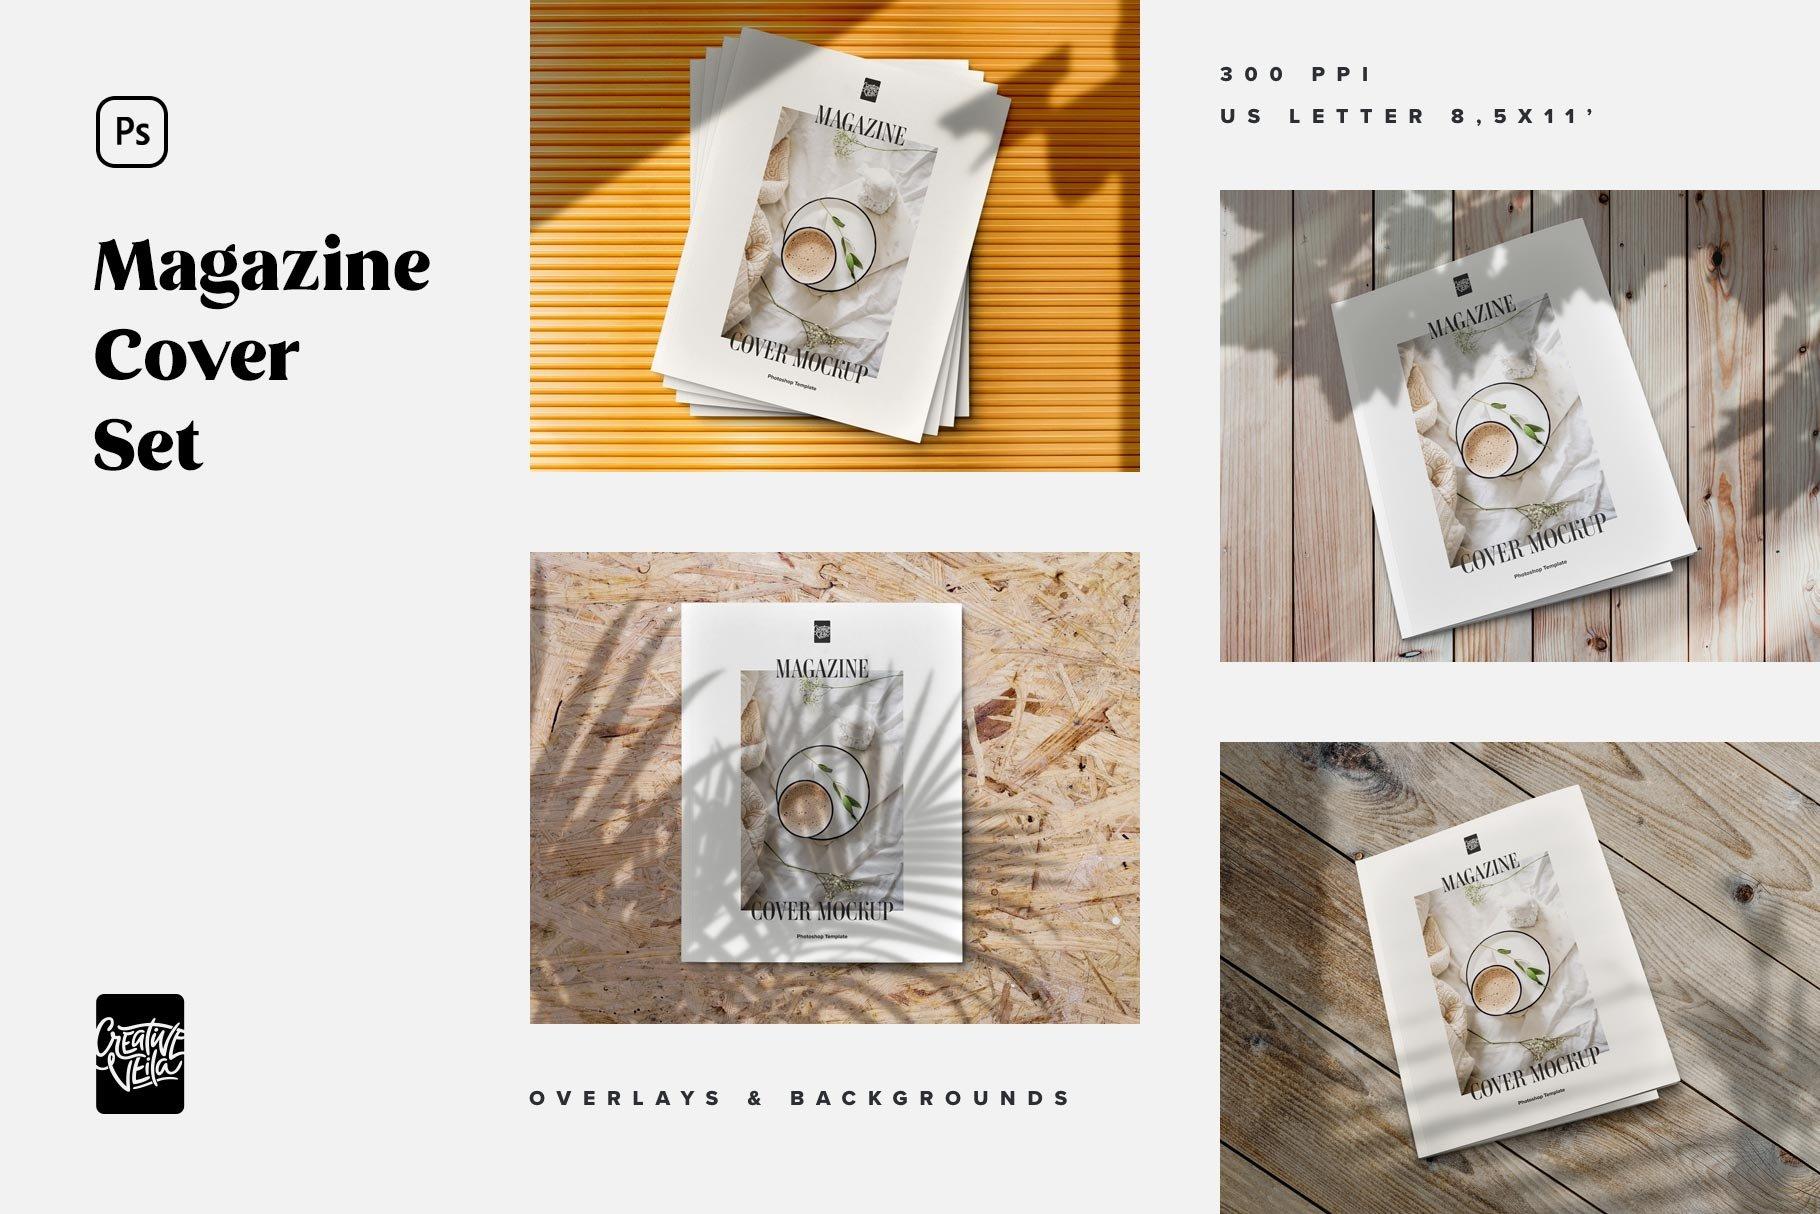 精美杂志画册设计展示样机模板 Magazine Cover Mockup Set插图